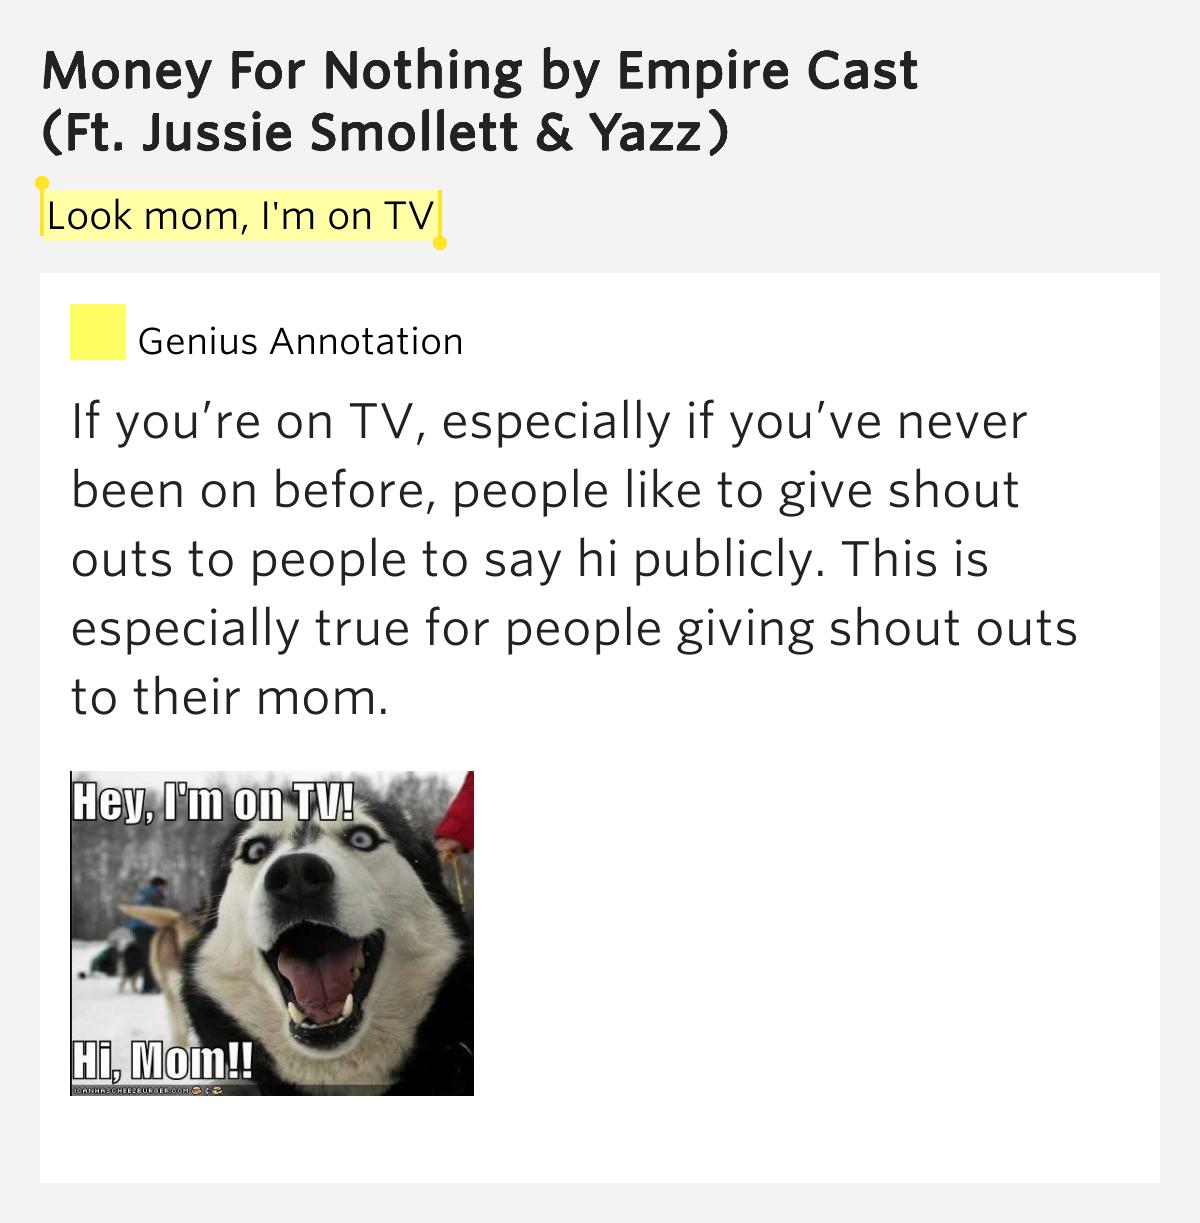 empire soundtrack money for nothing lyrics